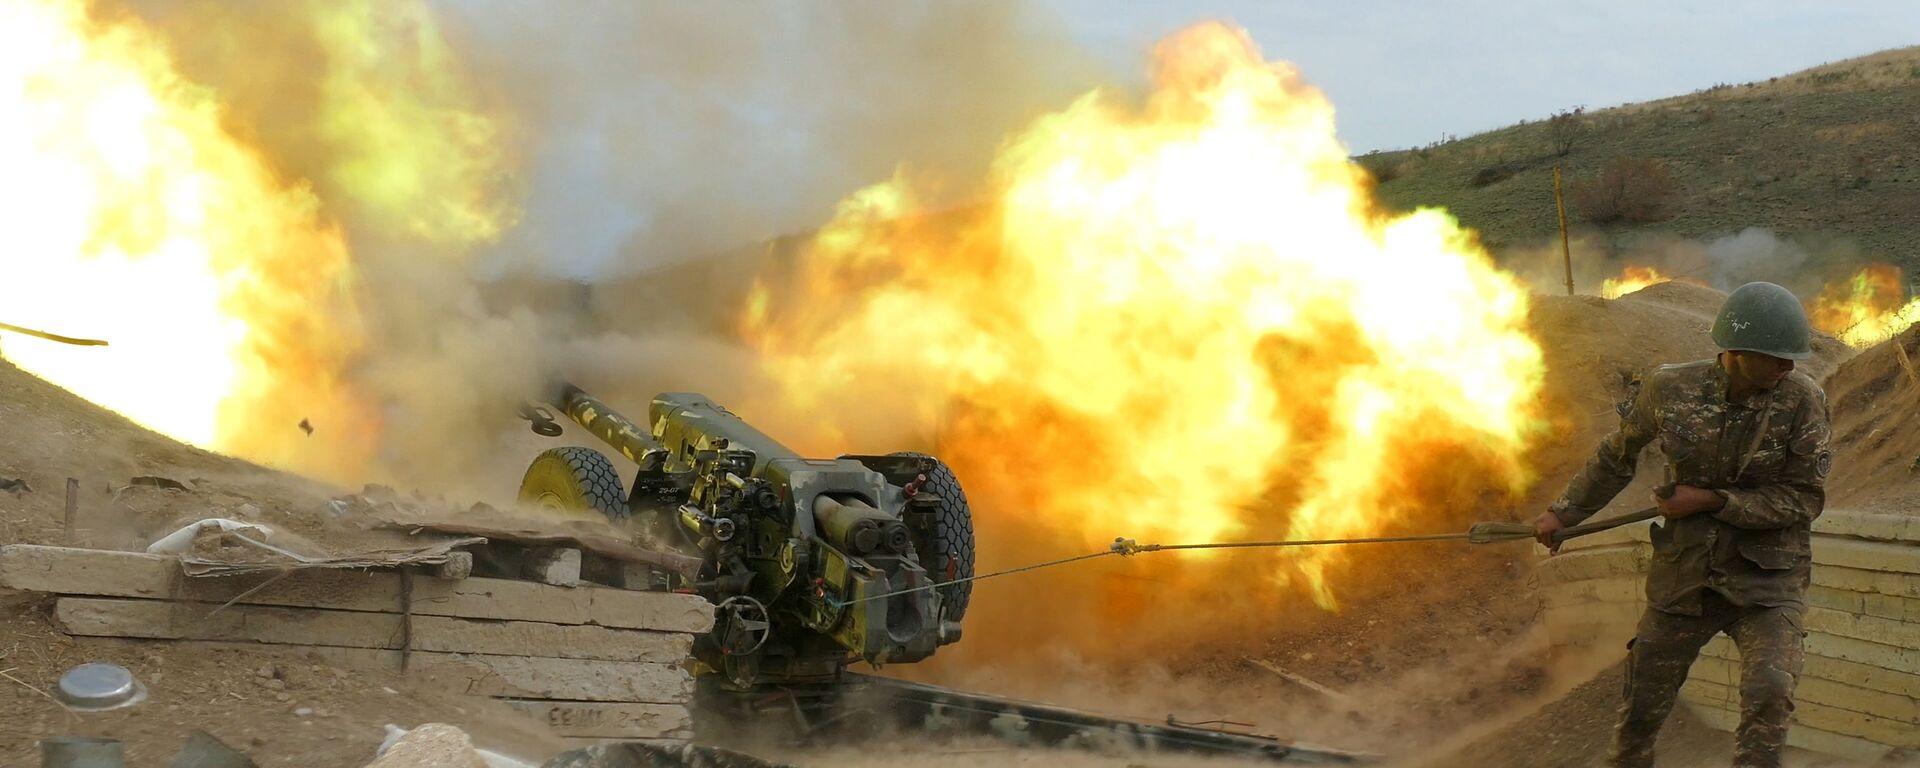 Военнослужащий Армии обороны Карабаха стреляет из артиллерийских орудий - Sputnik Таджикистан, 1920, 01.02.2021